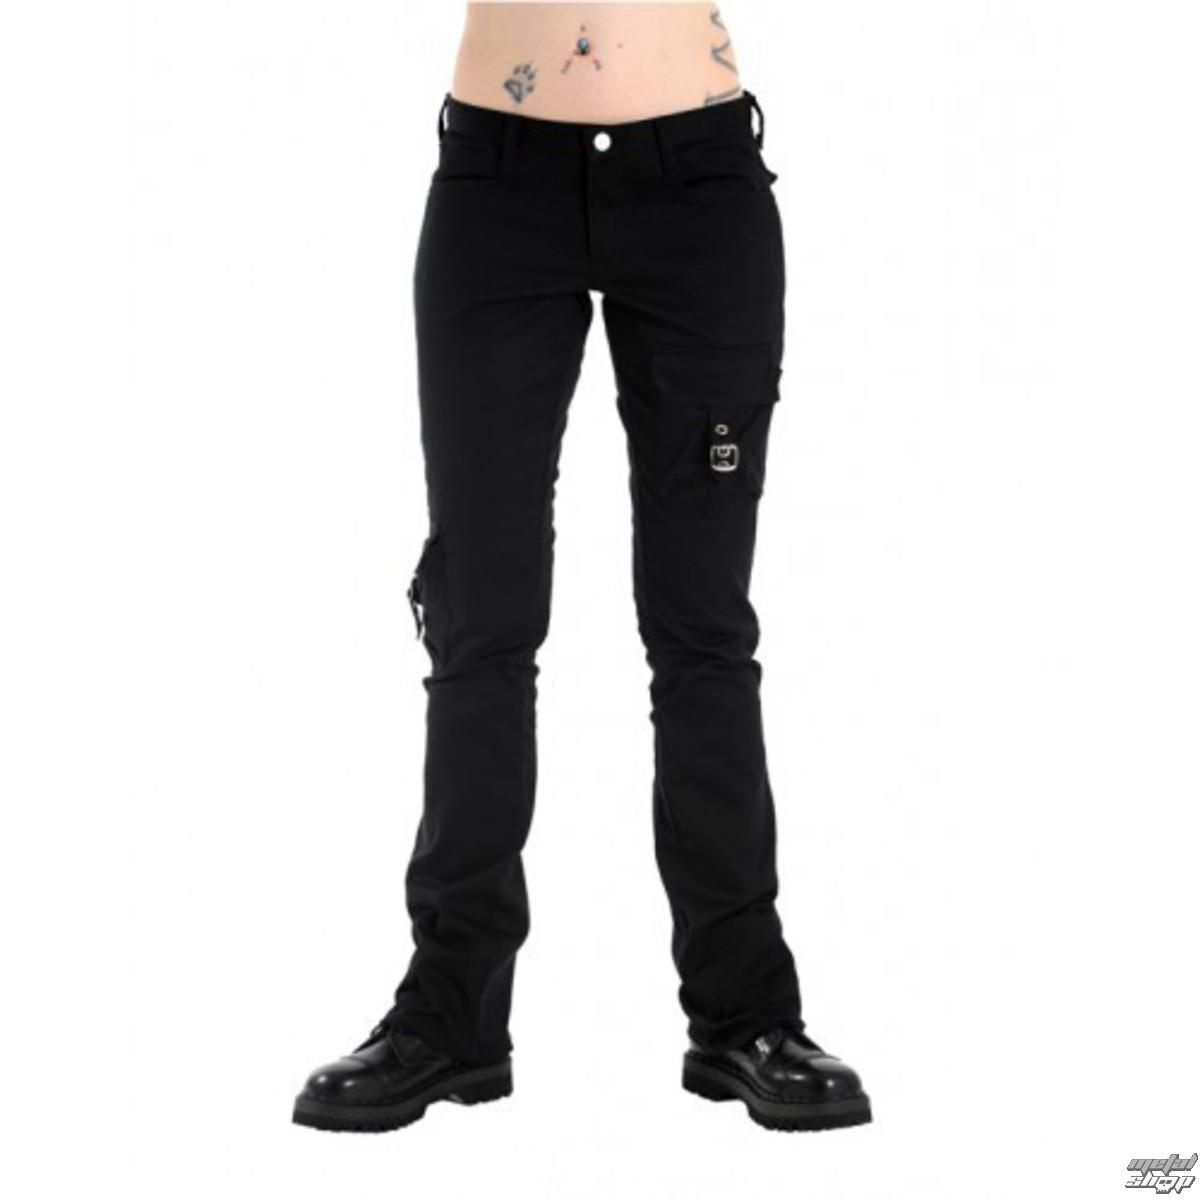 kalhoty dámské Black Pistol - Pocket Hipster Denim Black - B-1-57-001-00